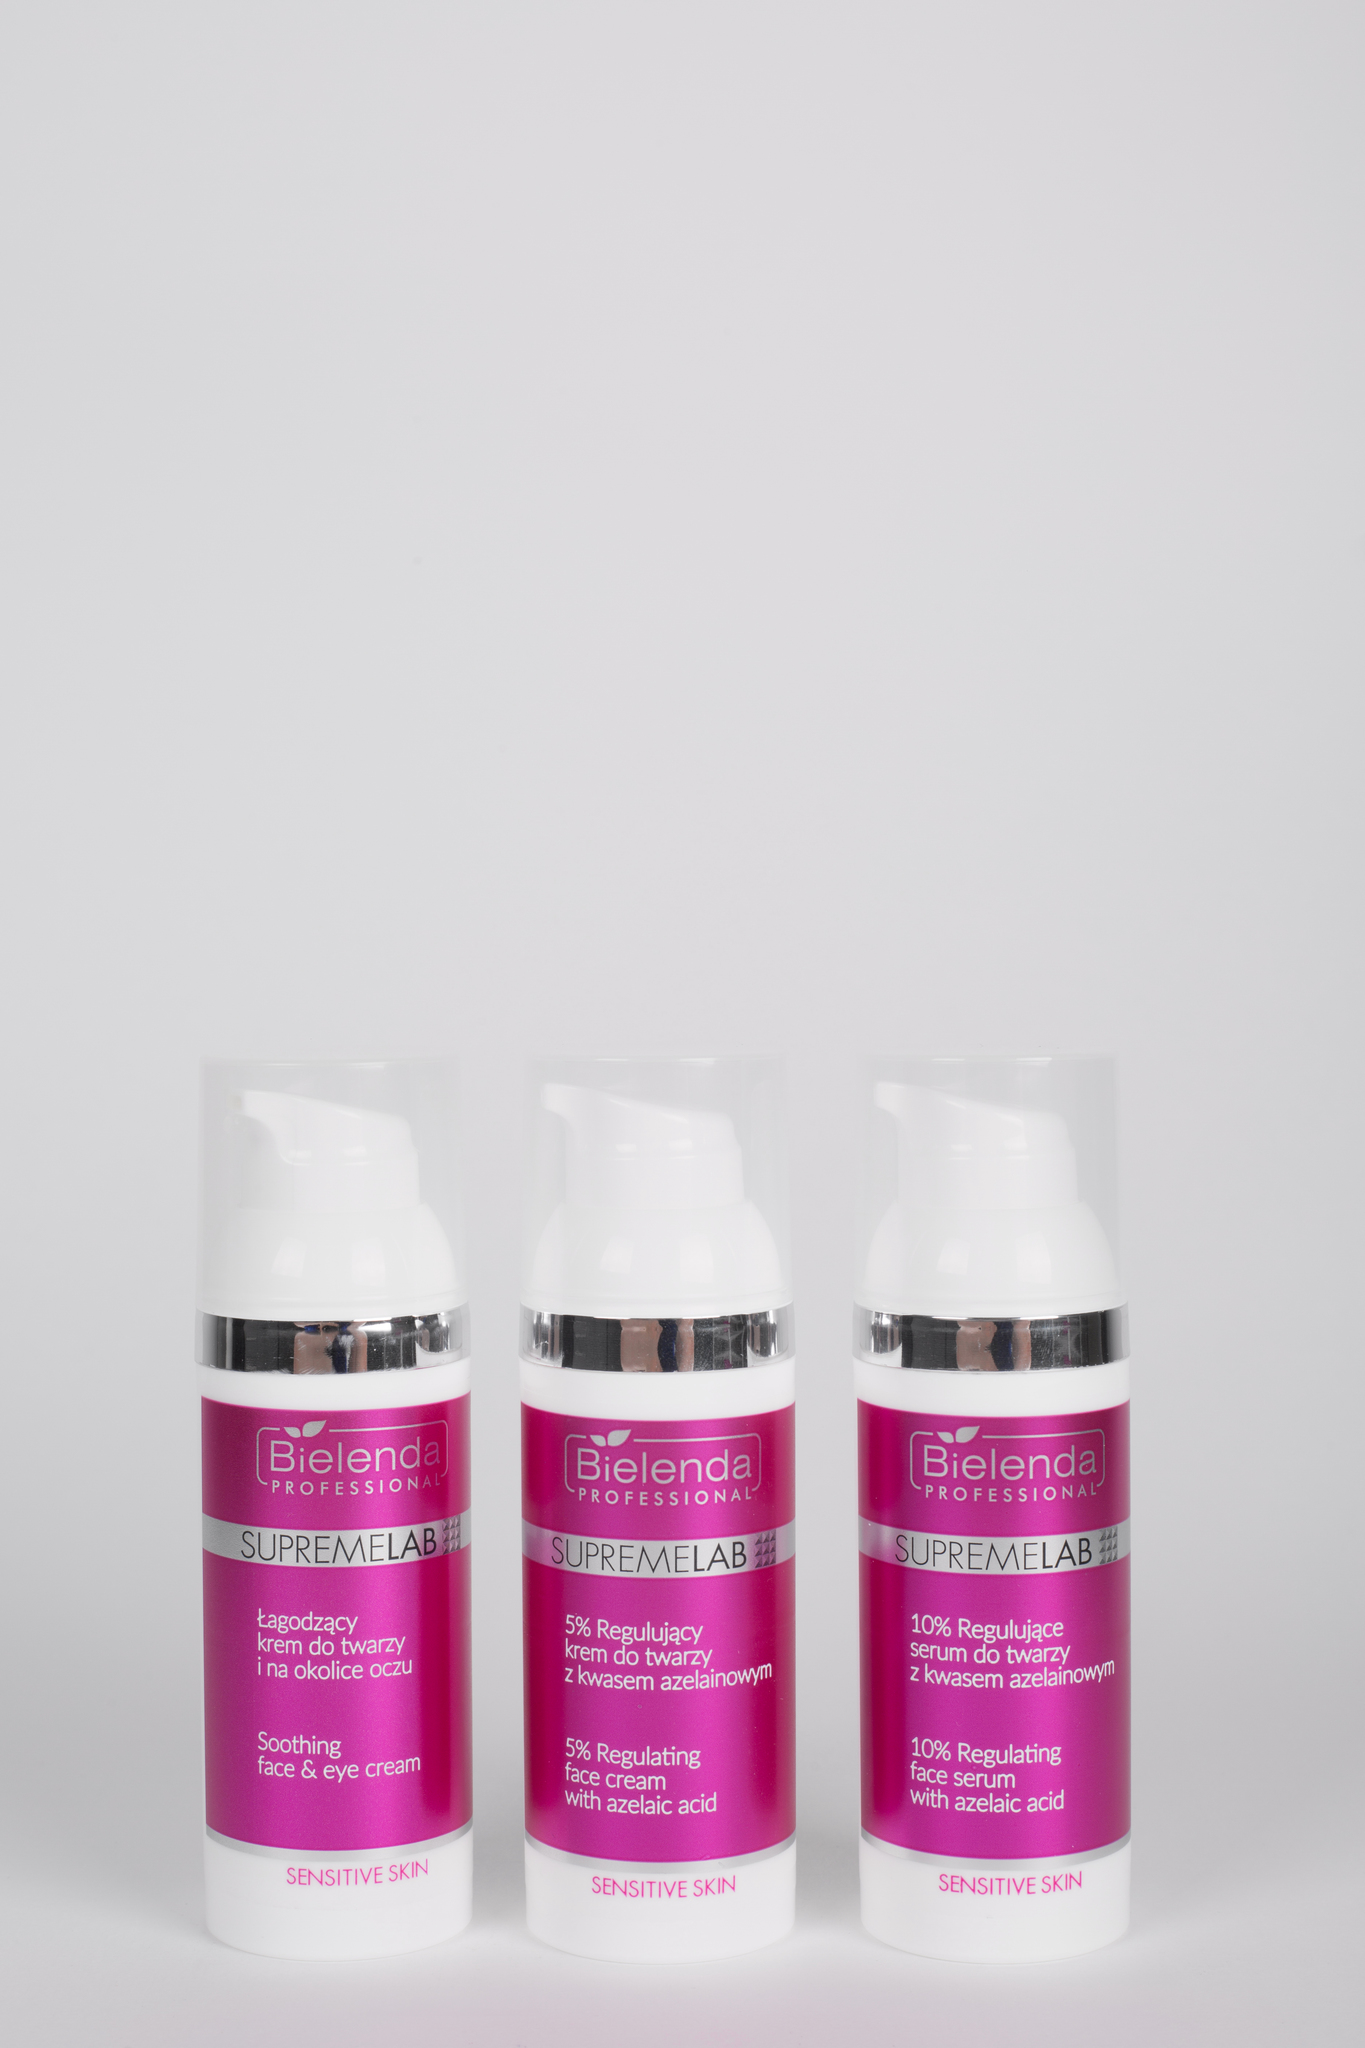 SENSITIVE SKIN 5% регулирующий крем для лица с азелаиновой кислотой, 50 мл.